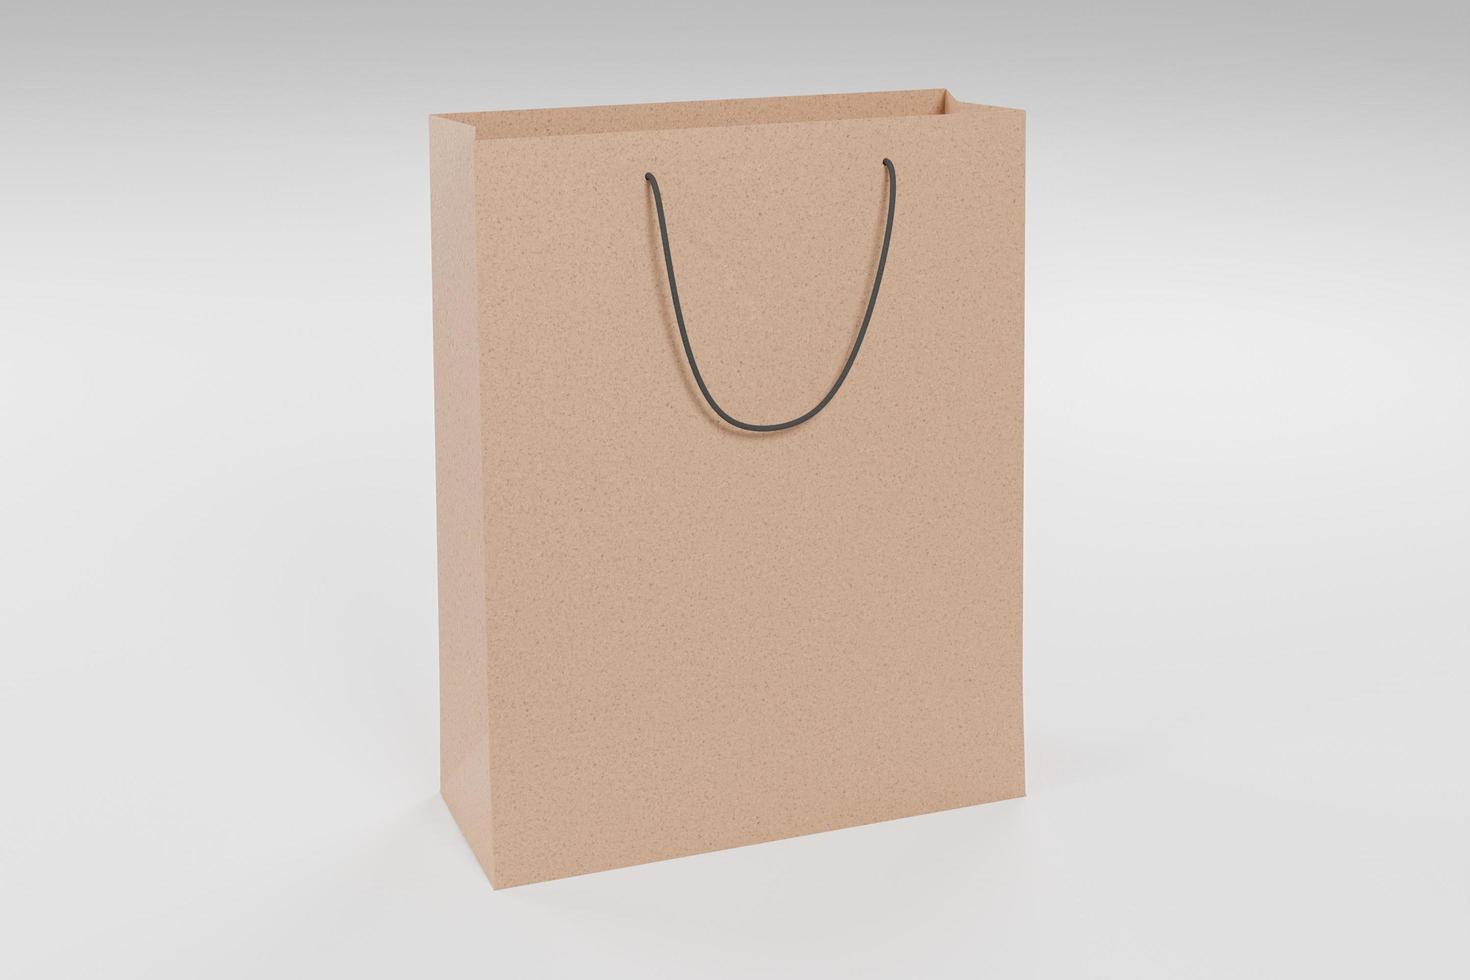 Maquette 3D de sac à provisions en carton photo